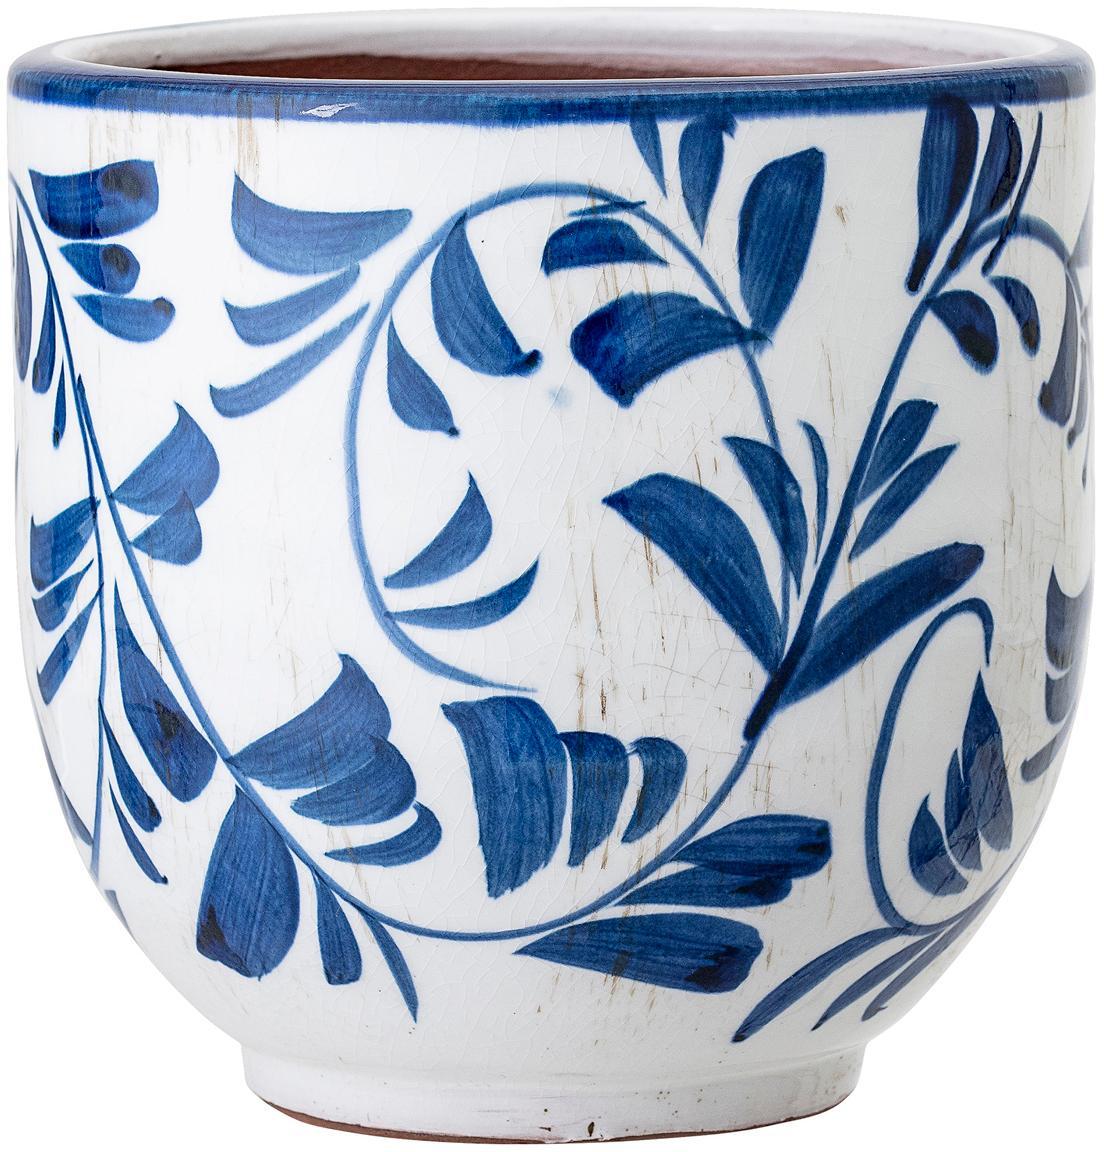 Kleiner Übertopf Jarl aus Terrakotta, Terrakotta, Blau, Weiß, Ø 14 x H 14 cm